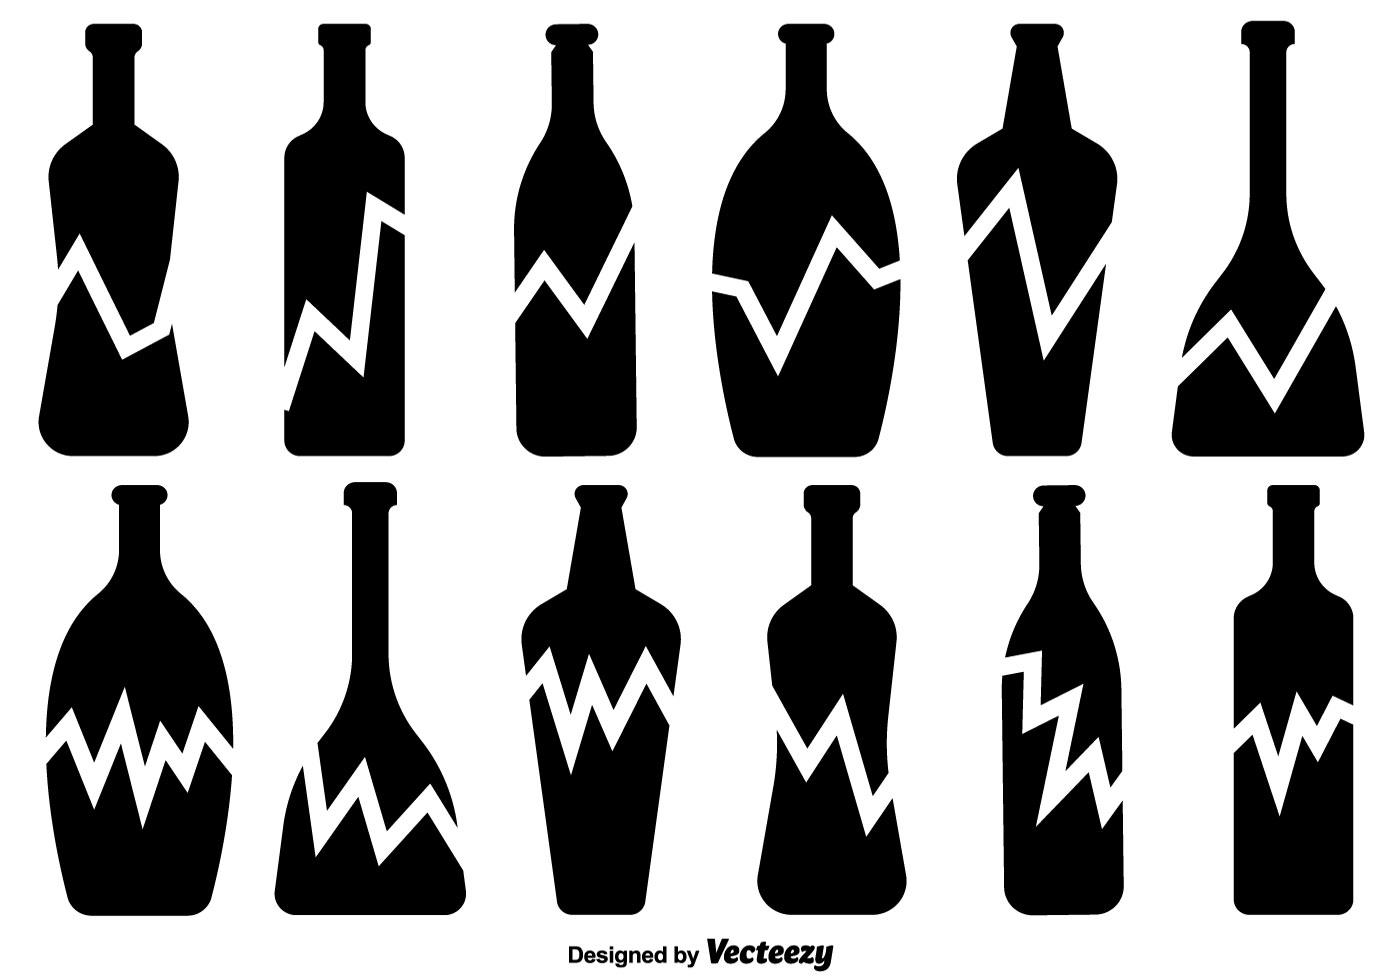 broken bottle vector icons set download free vector art